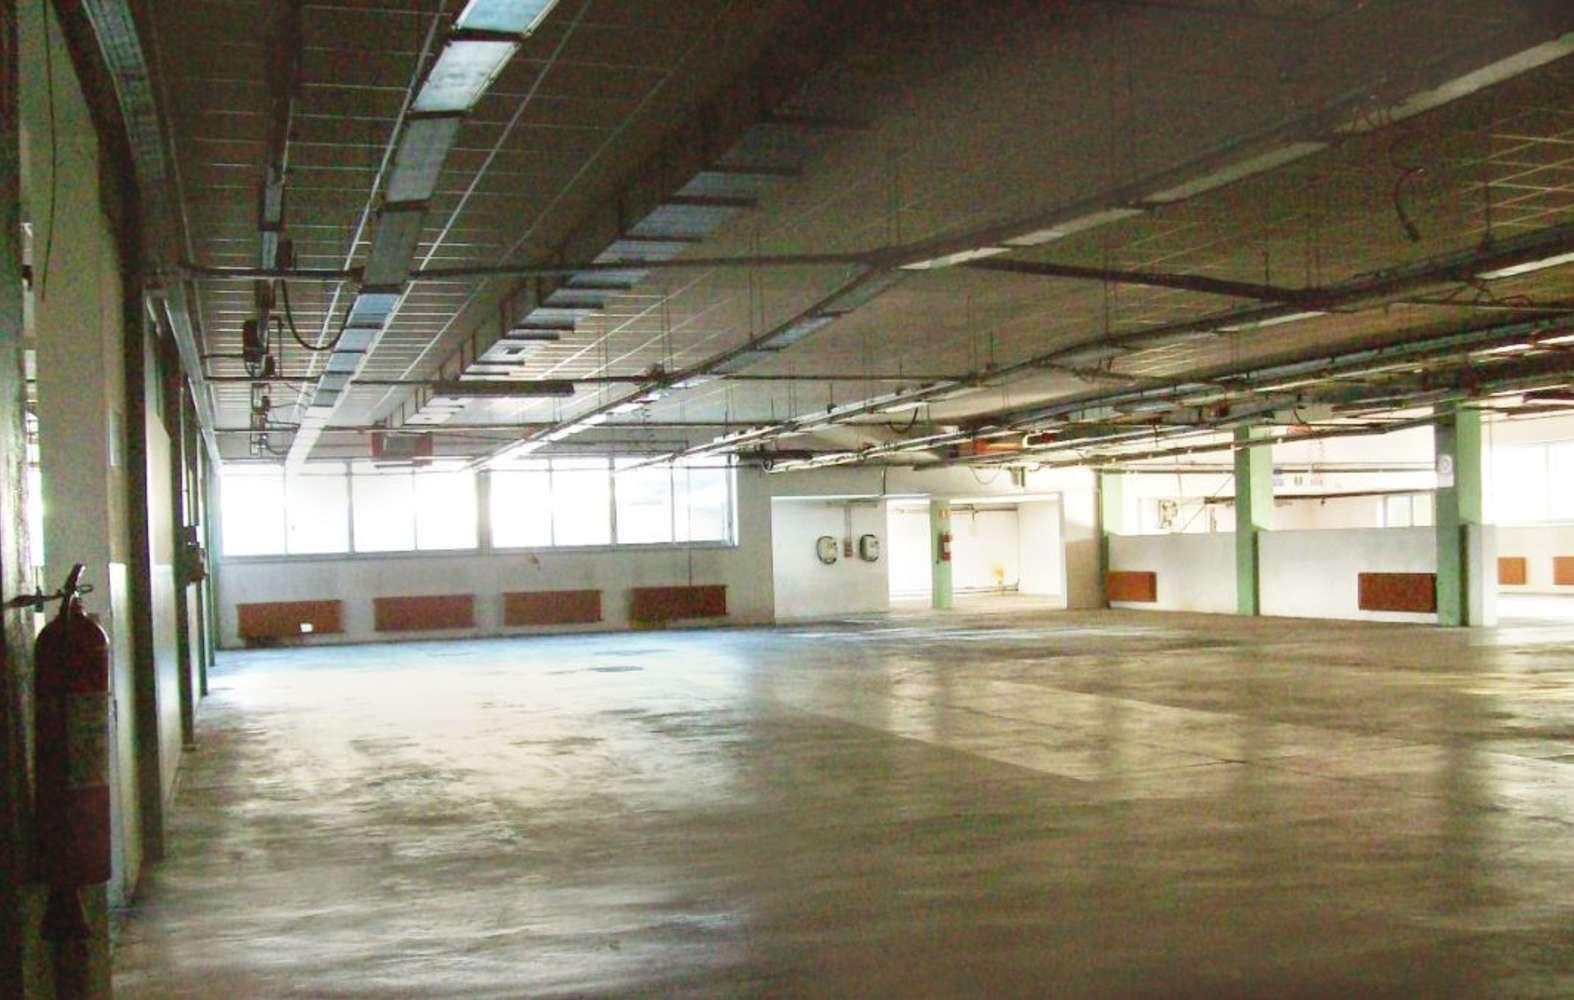 Magazzini industriali e logistici Treviglio, 24047 - Stabile industriale Treviglio - 10878336